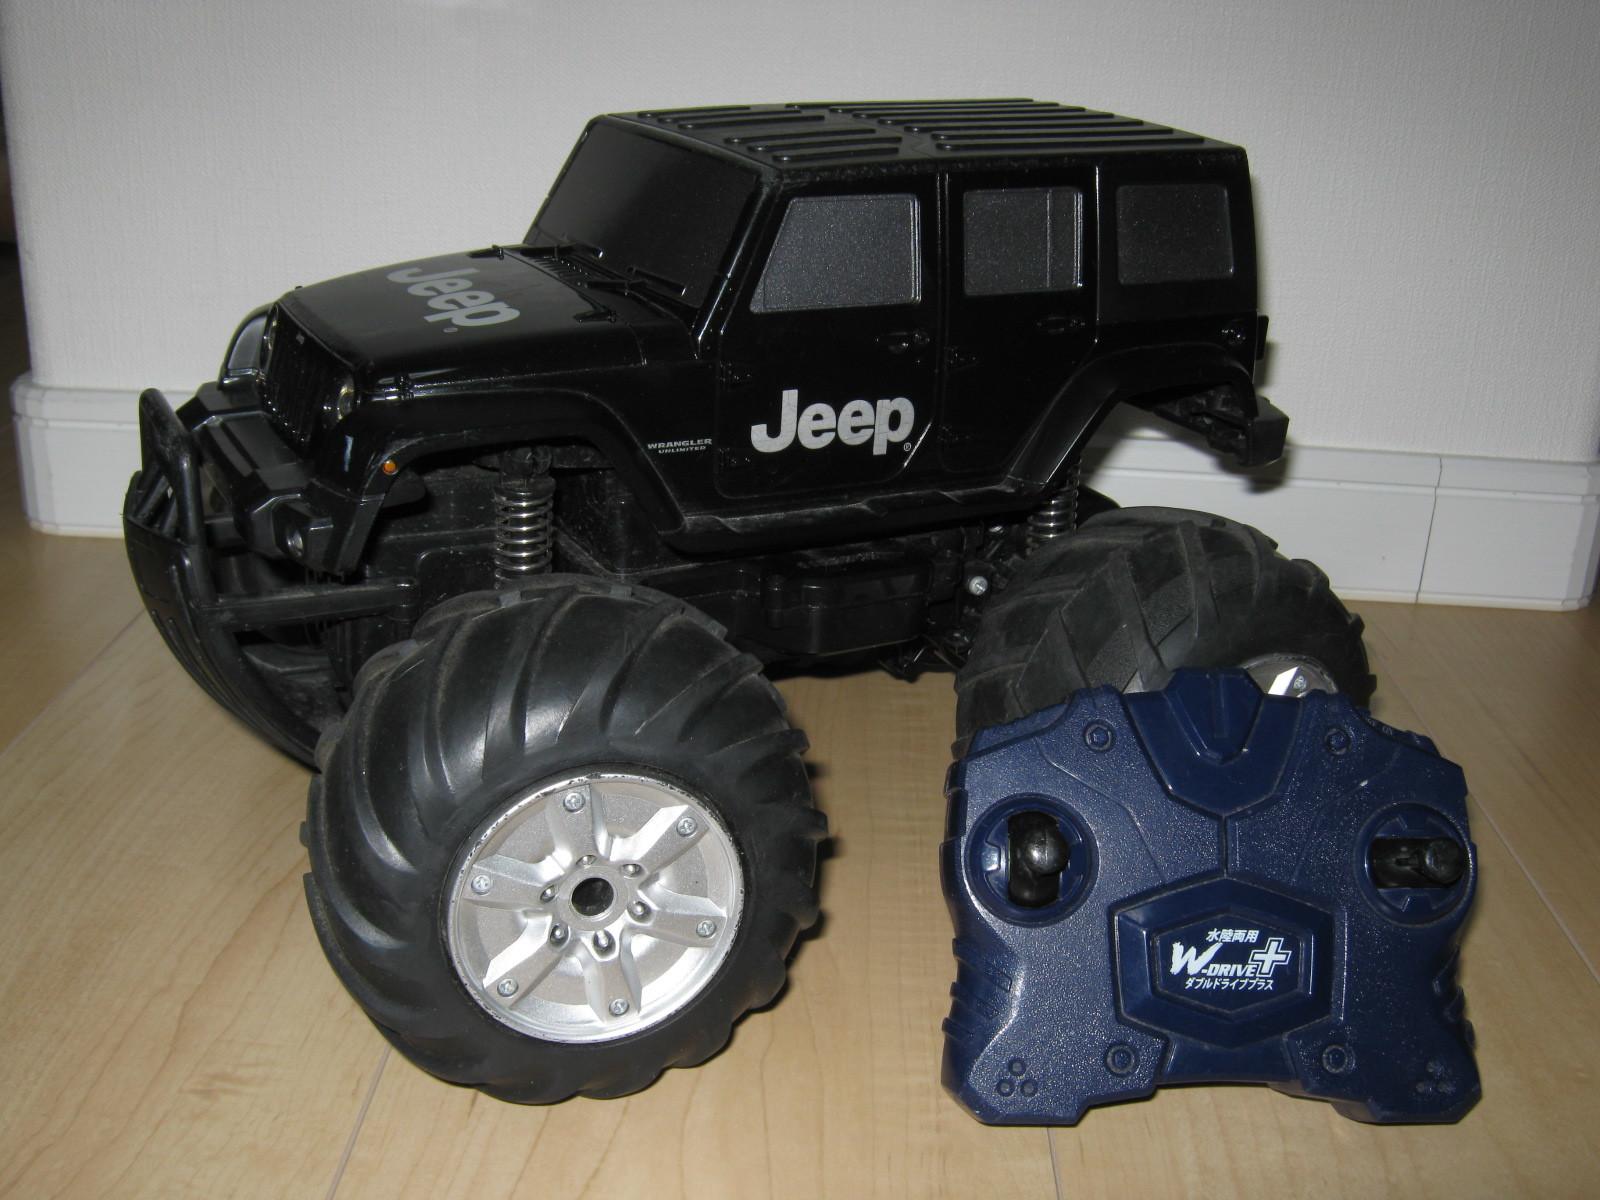 CCP社W-DRIVE+Jeep(2.4GHz)(前後進操作ボリューム接触不良)外観